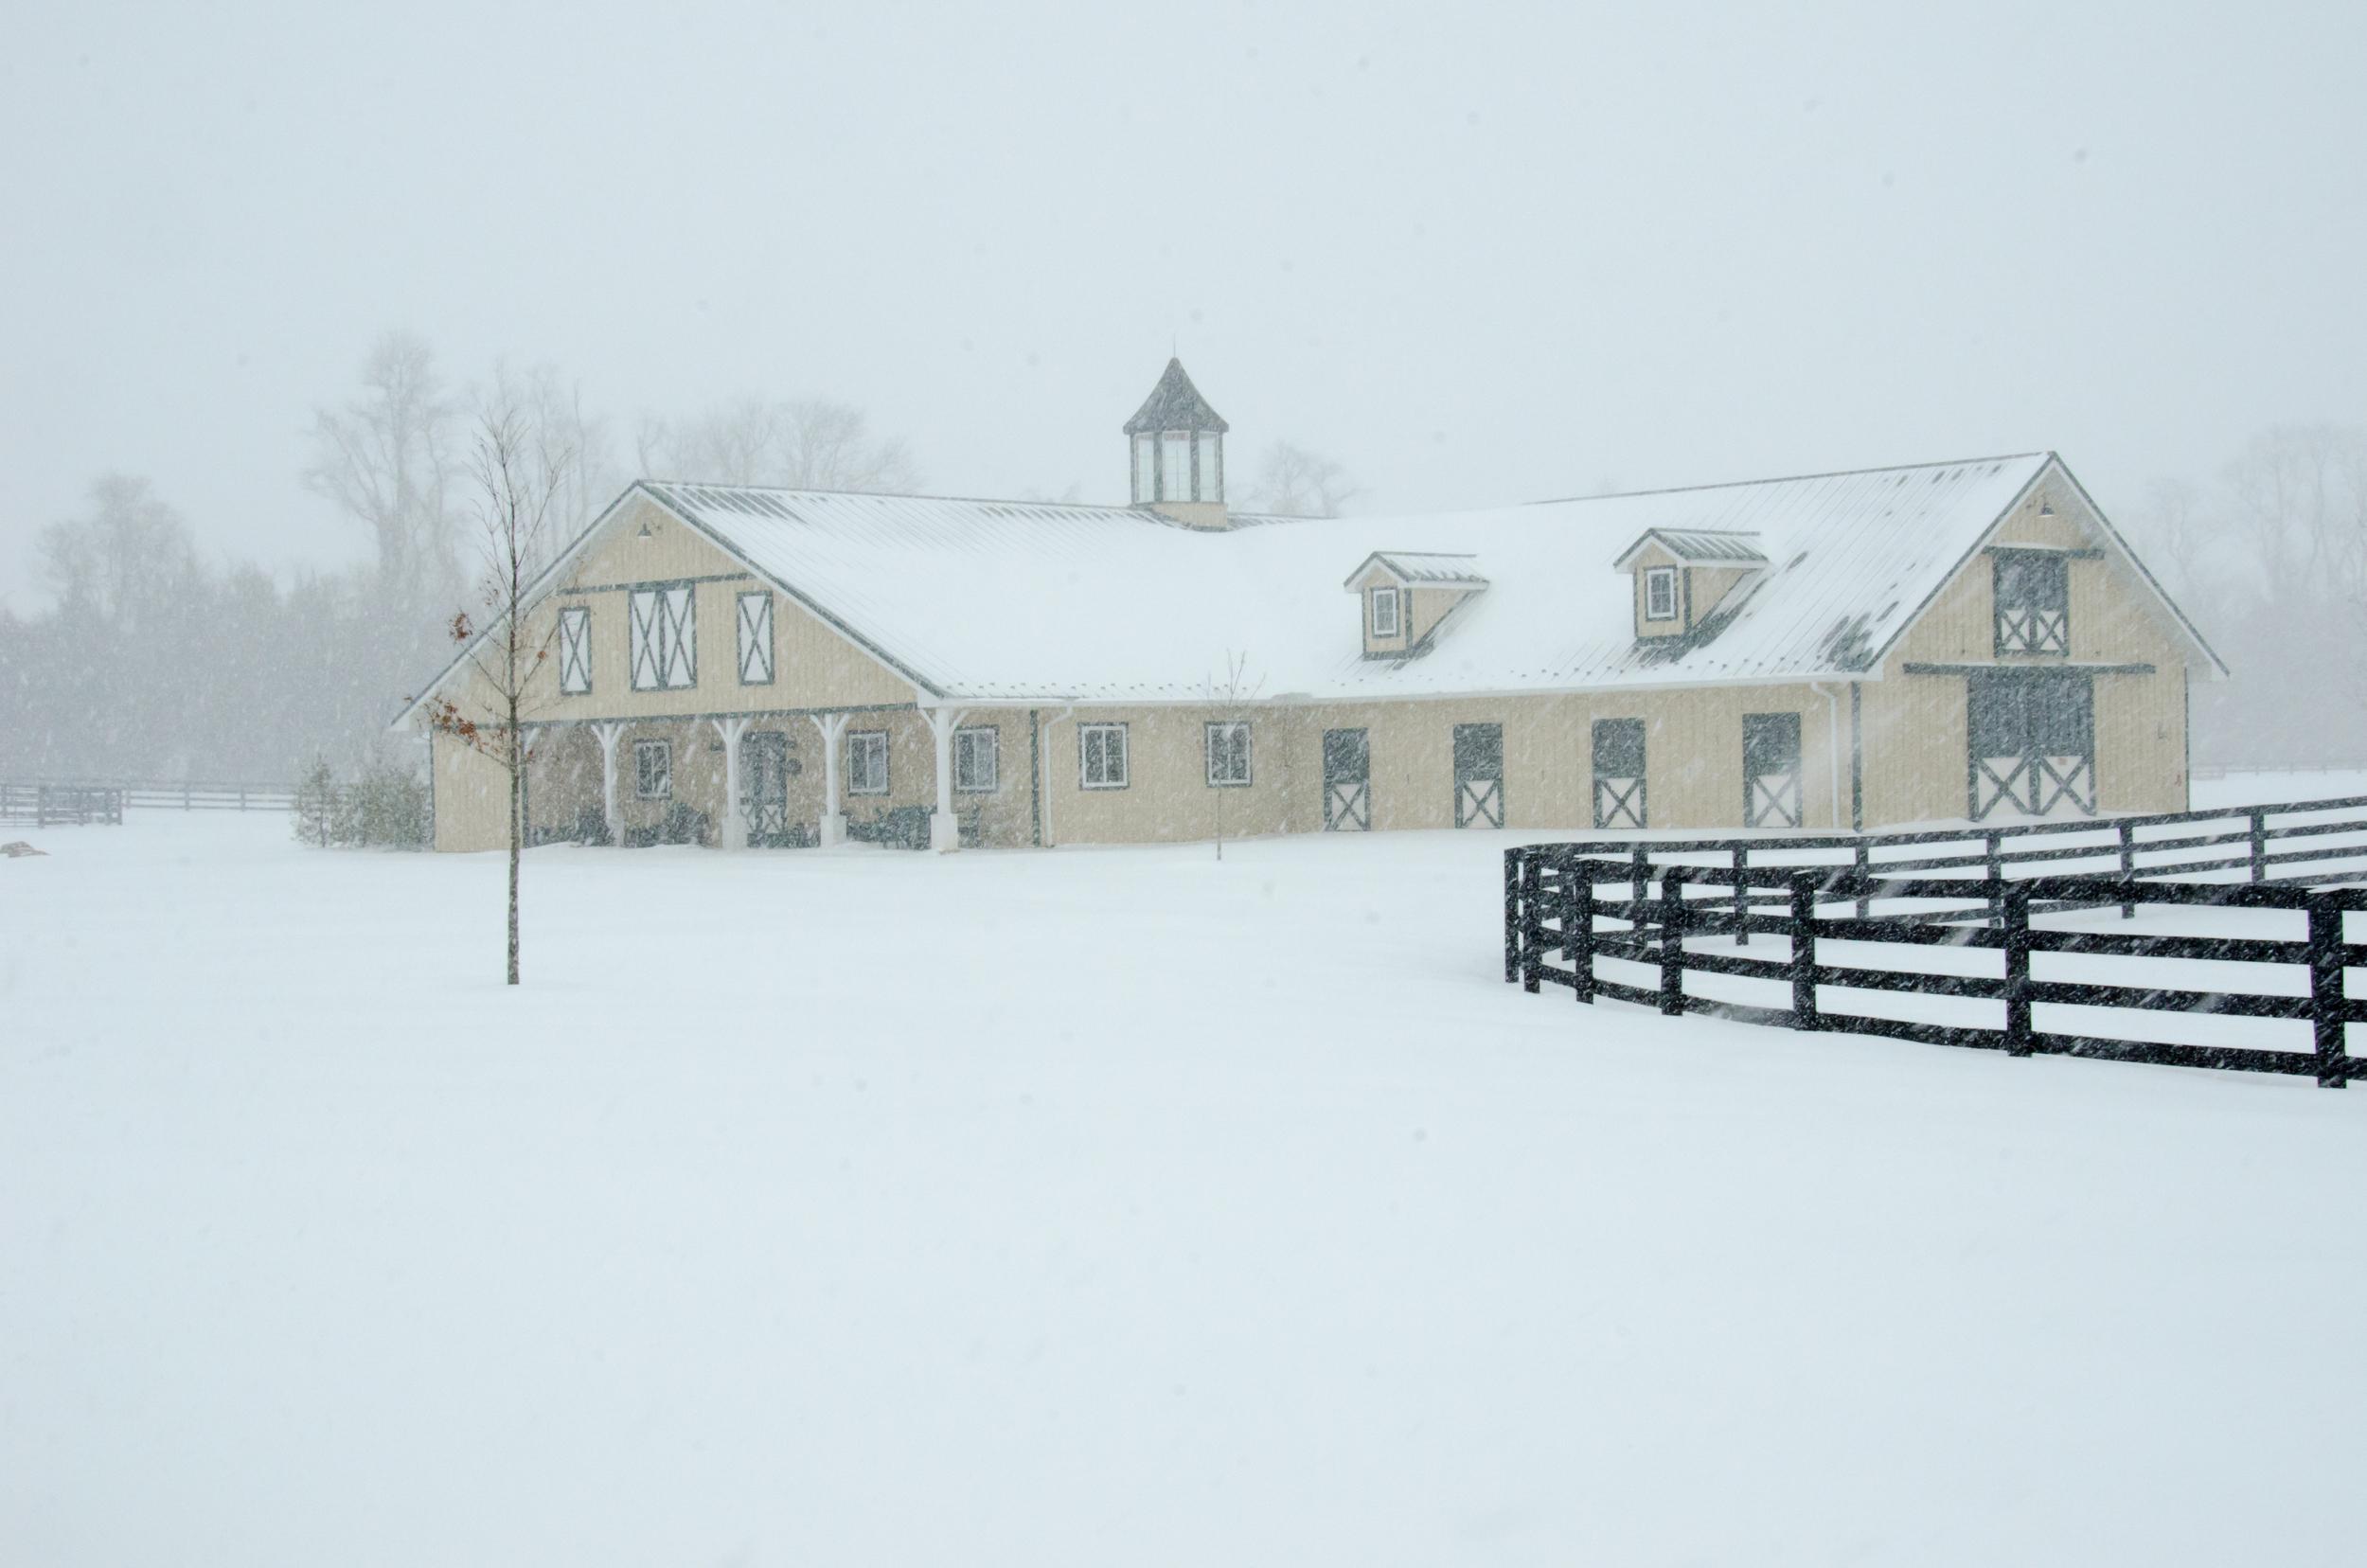 Photo from Salamander Resort in Middleburg VA  @SalamanderVA